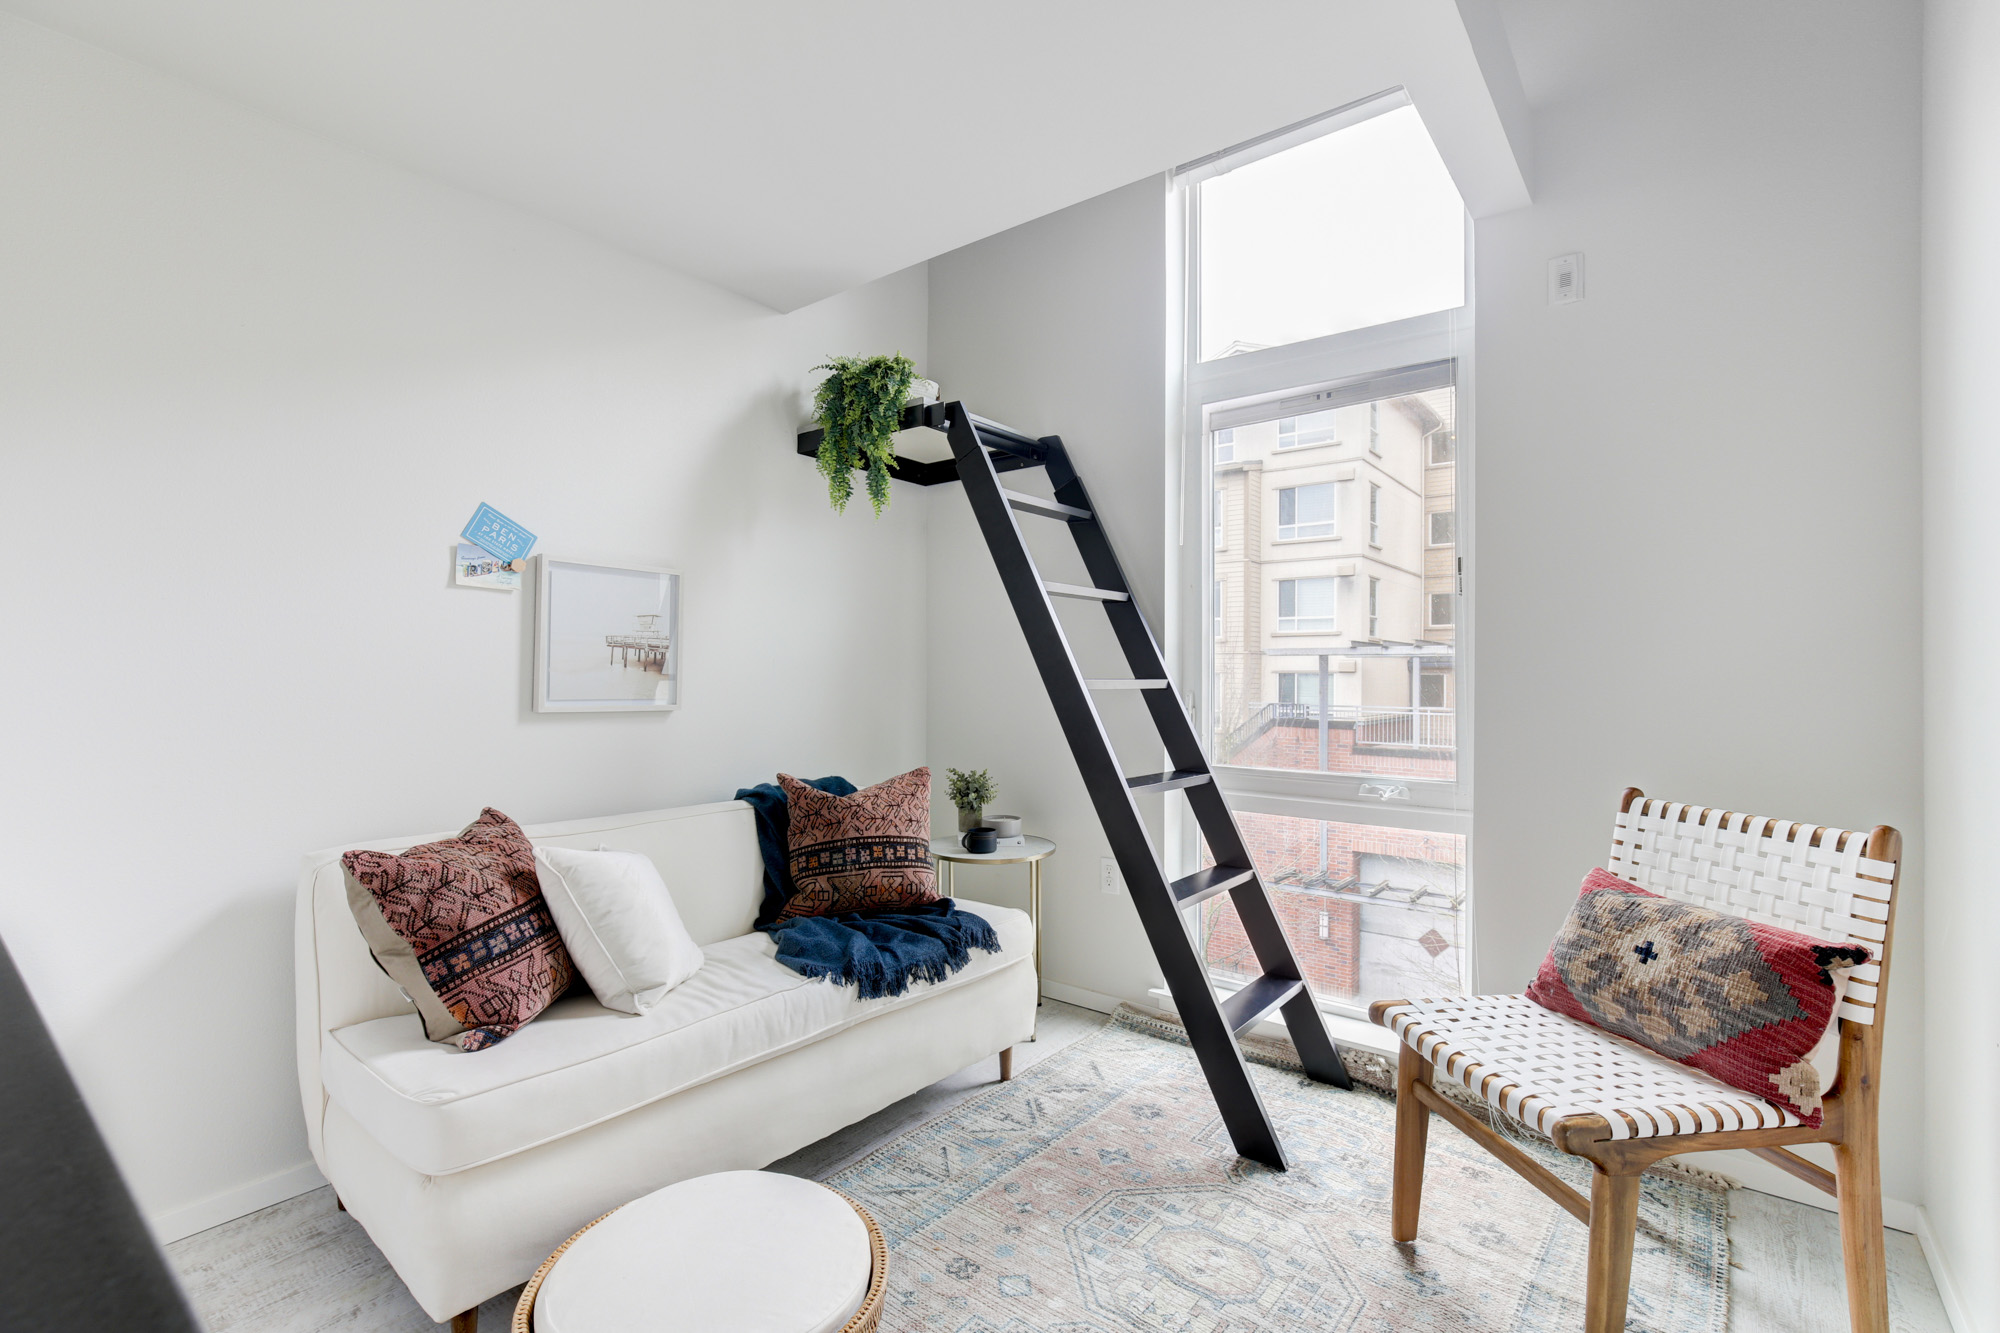 ۱۴ ایده هوشمندانه برای استفاده از اتاق کم جا و کوچک شما در خانه